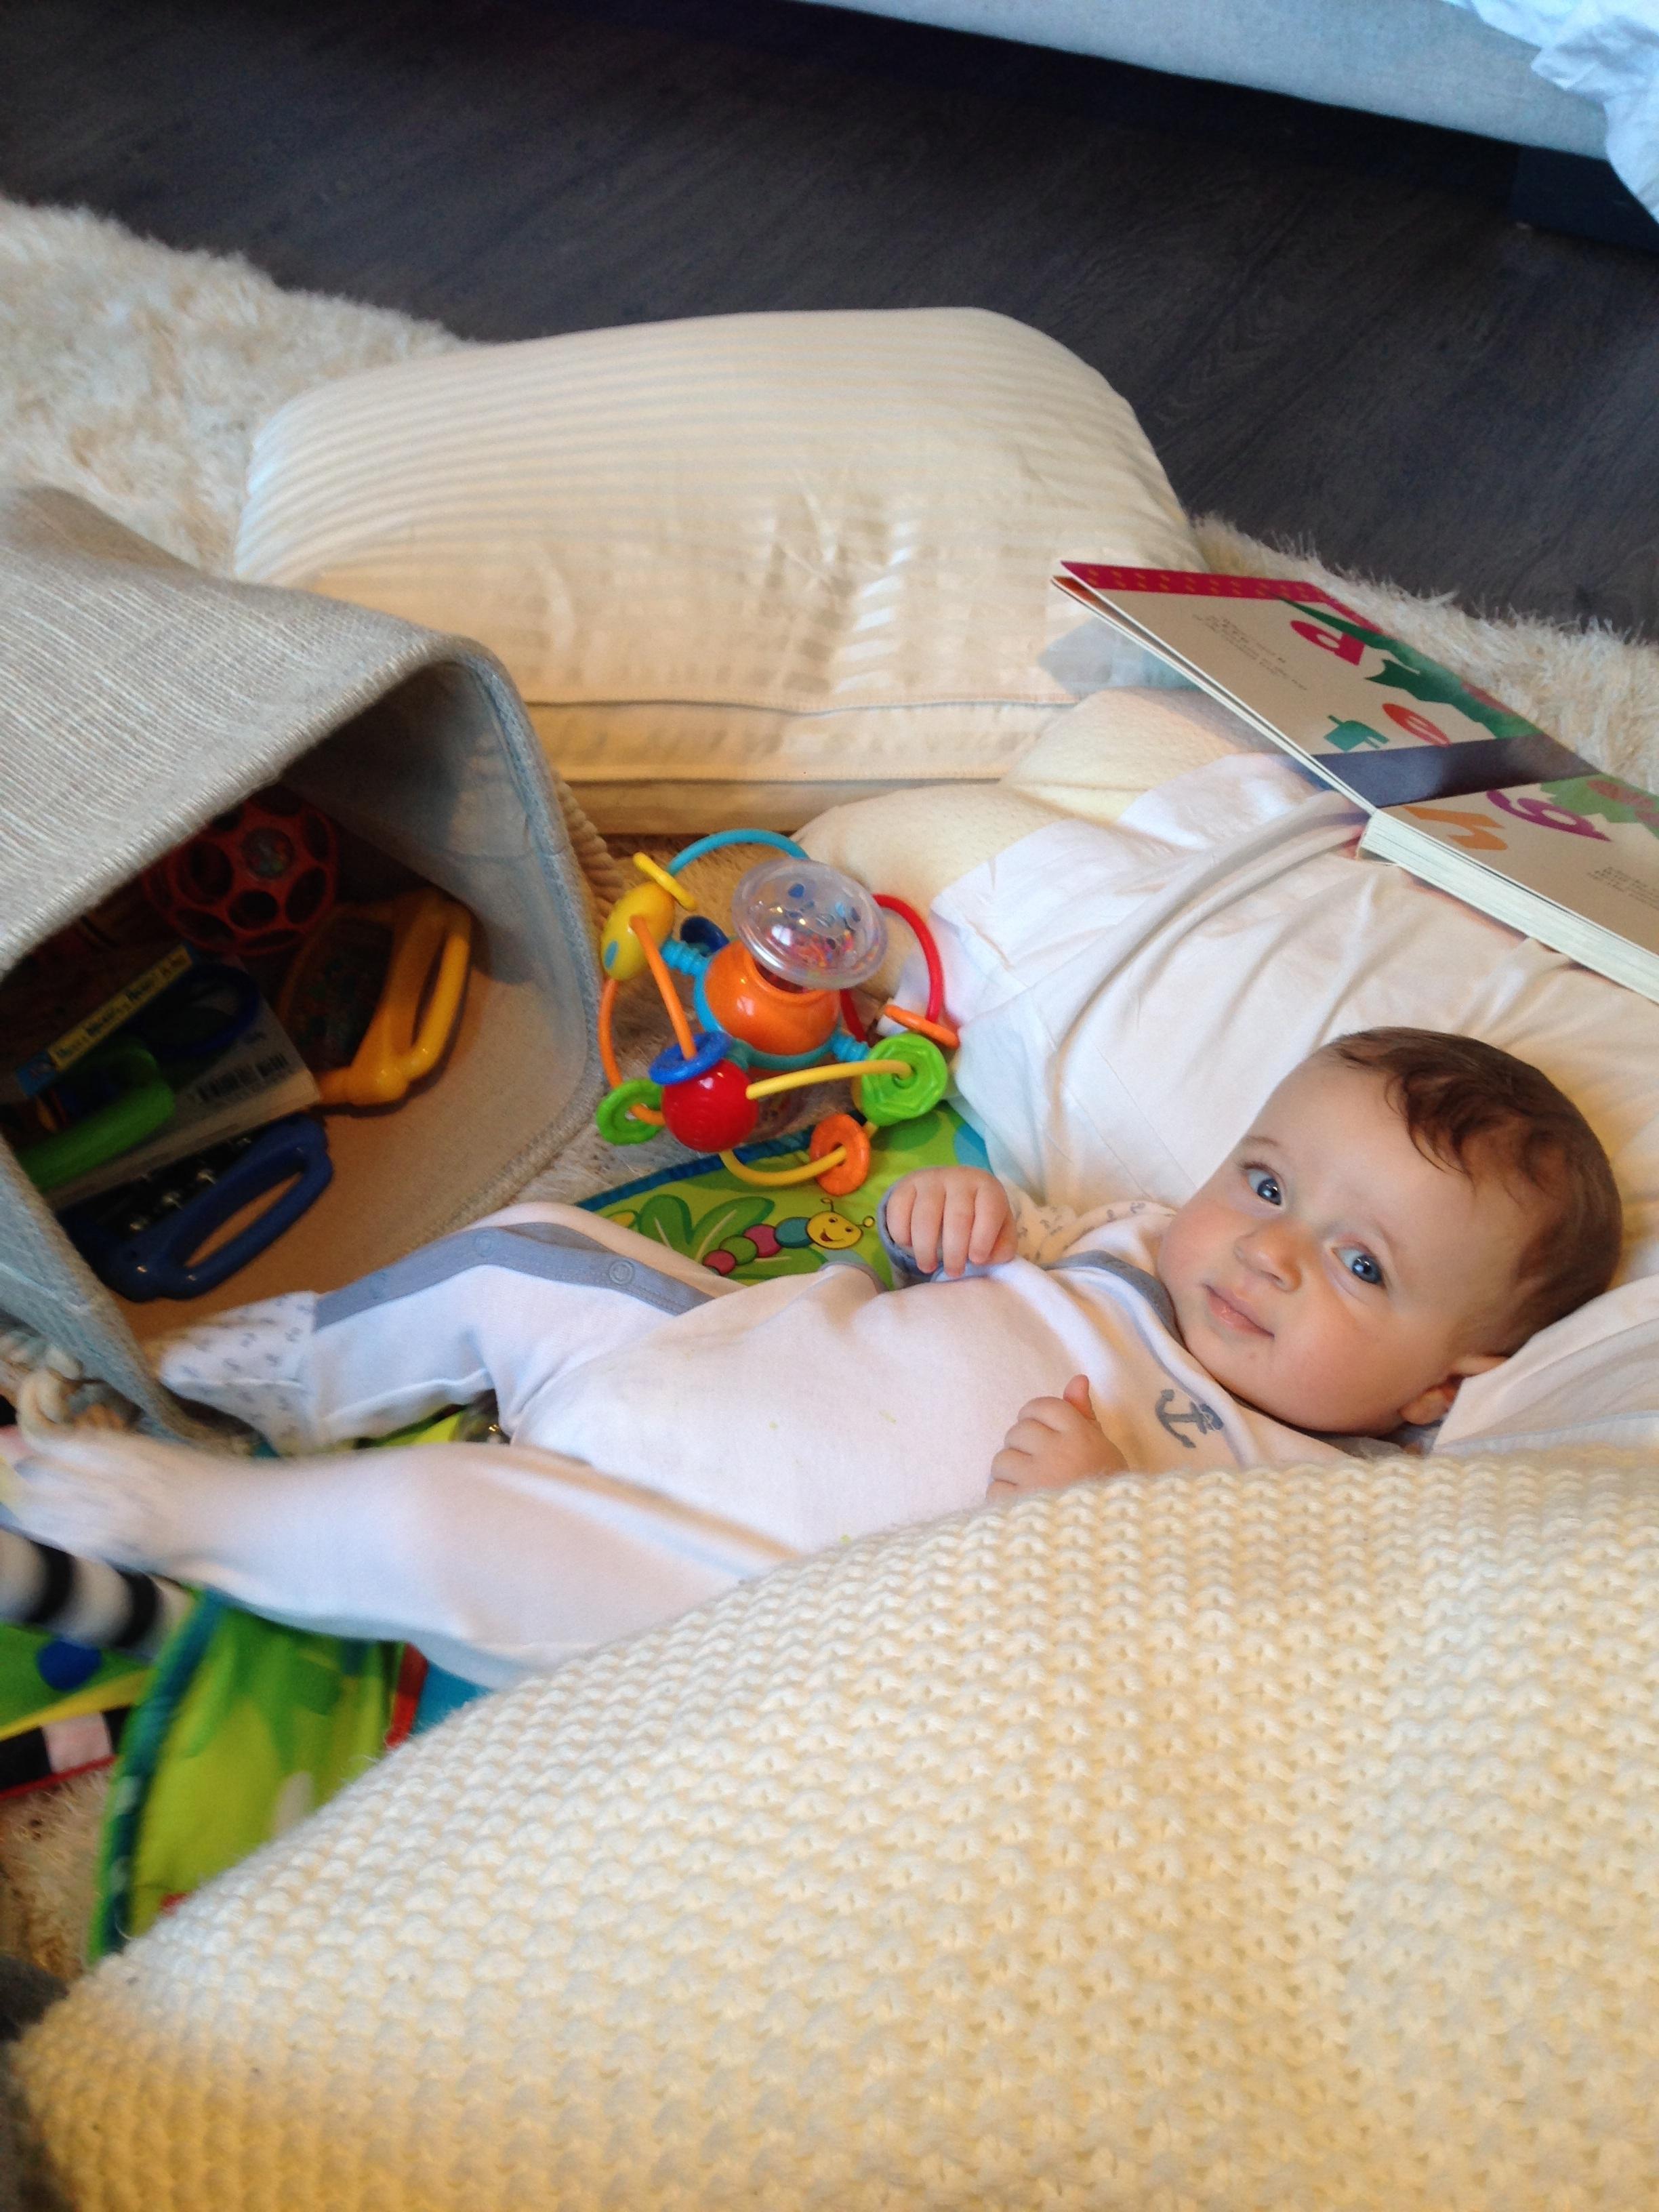 Fotos gratis : persona, jugar, relajarse, niño, mueble, bebé ...